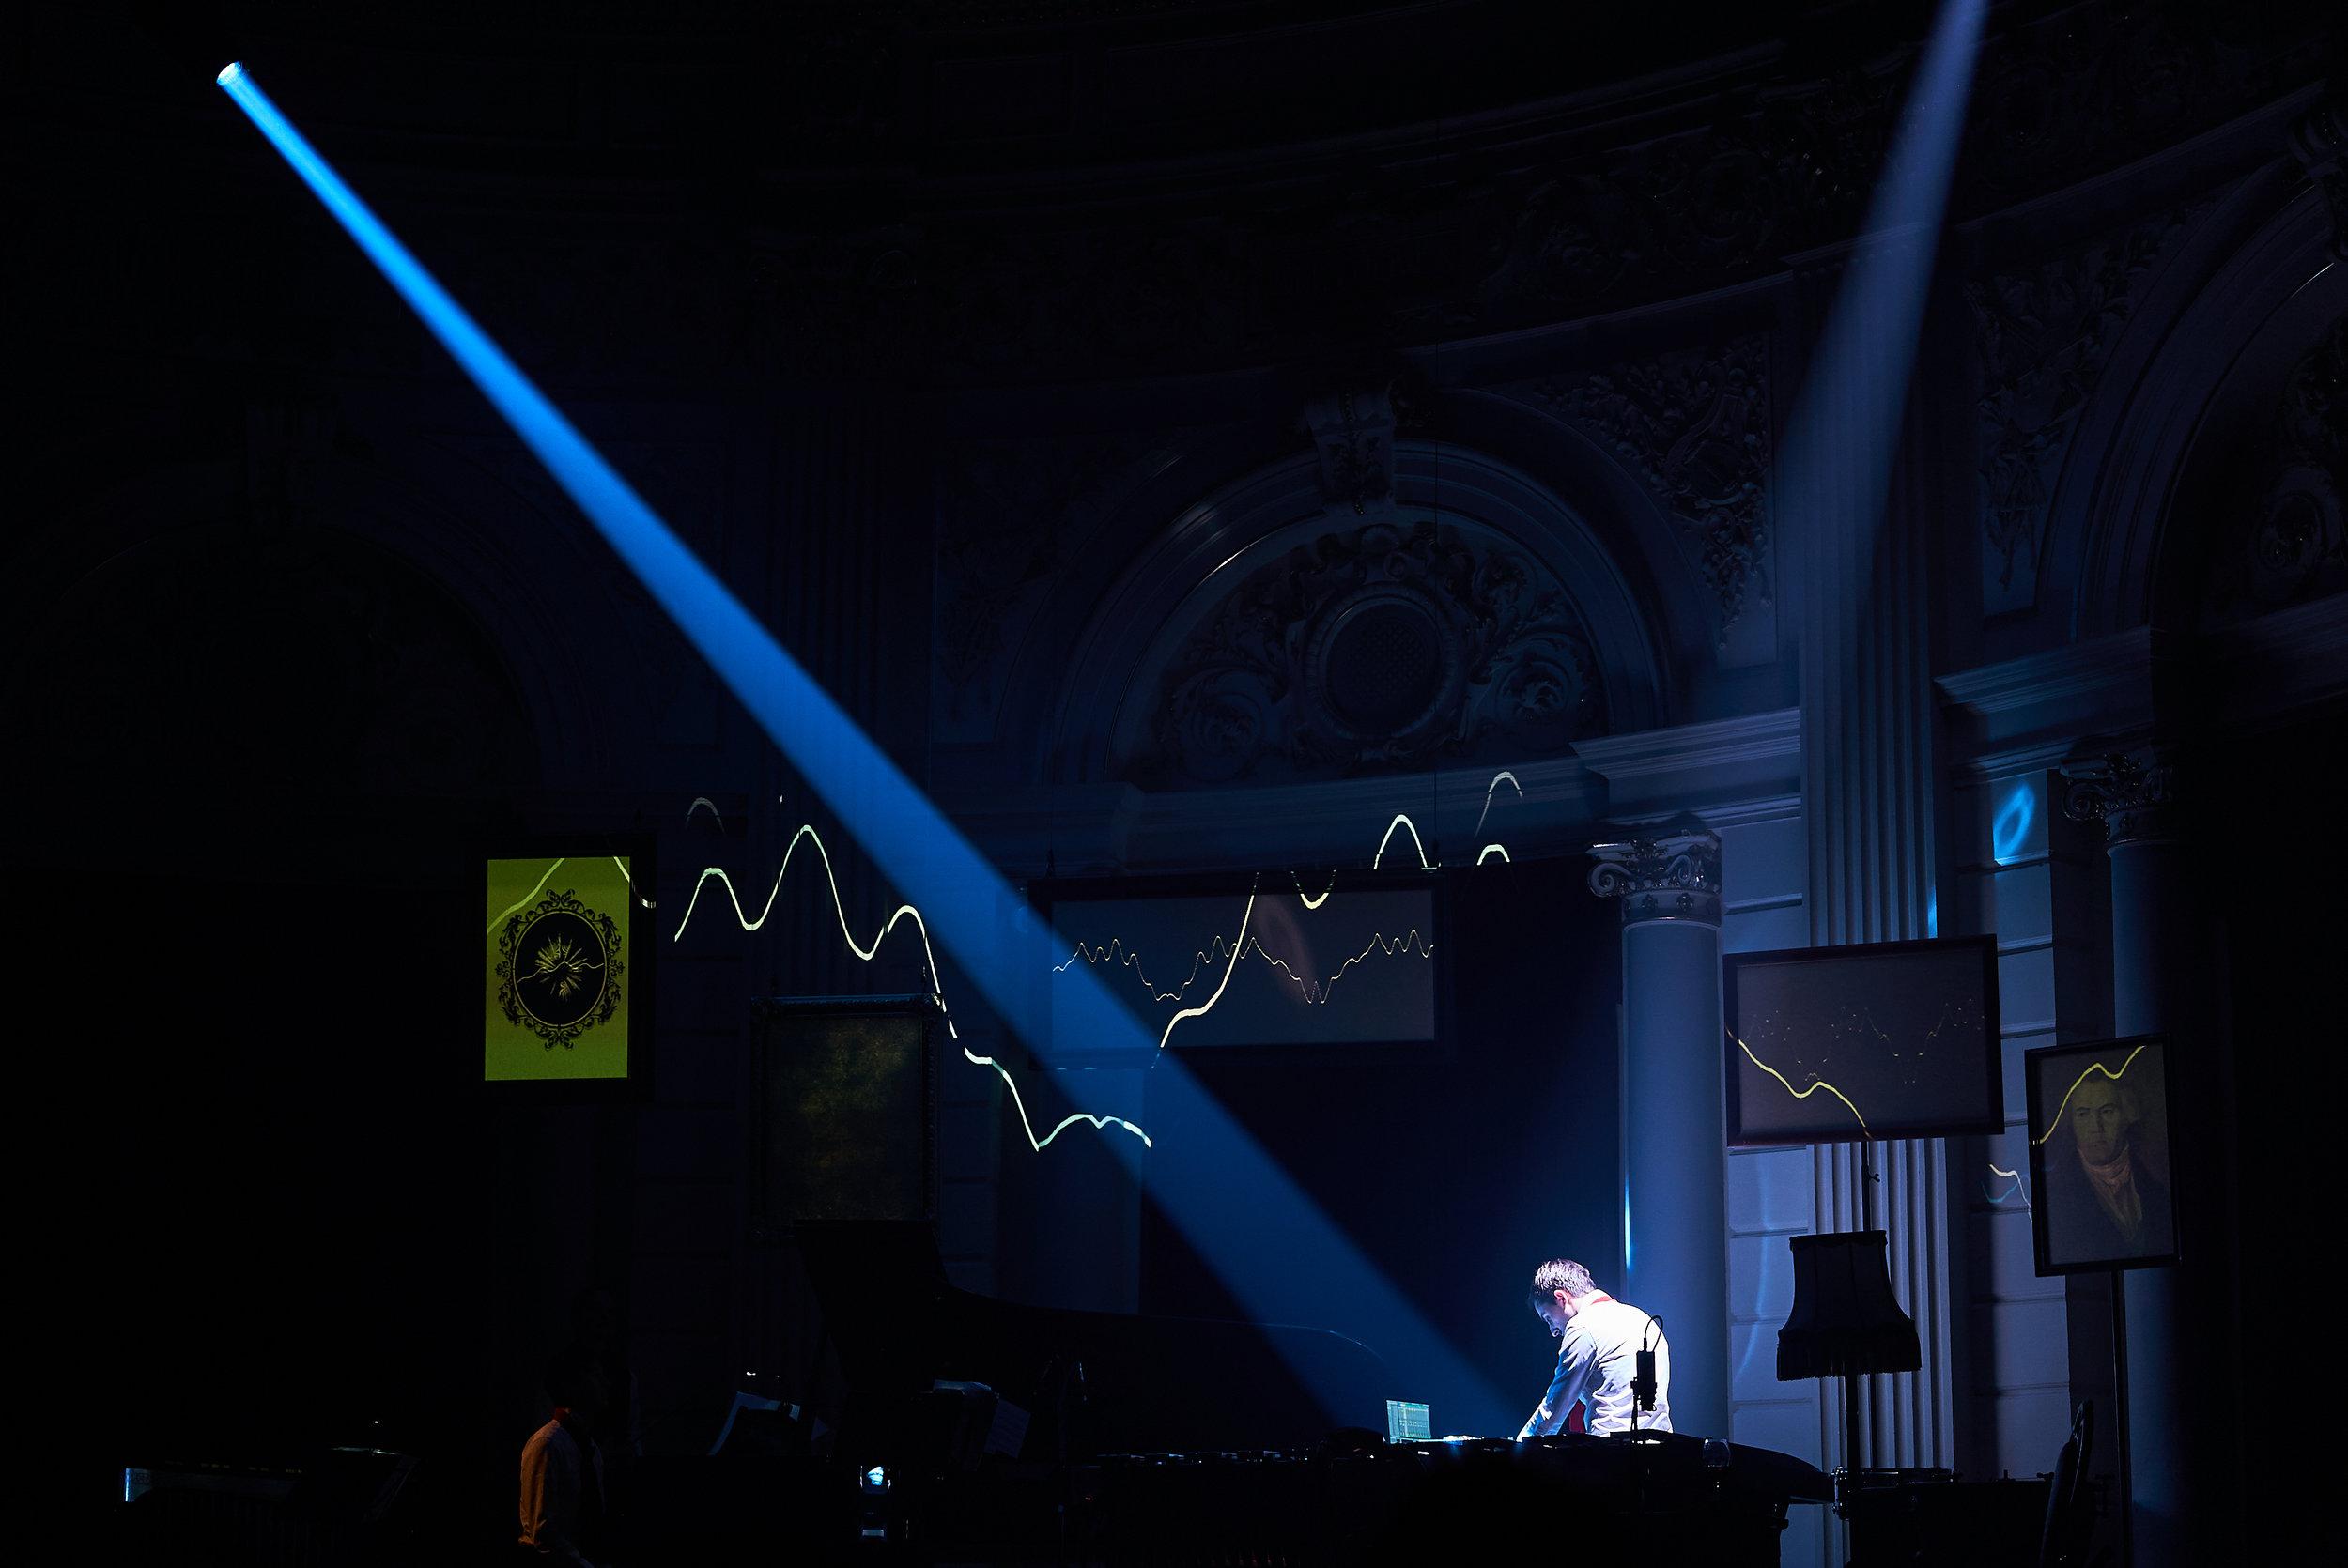 _2019-03-01_Concertgebouw_Tomek-Dersu-Aaron_031.jpg